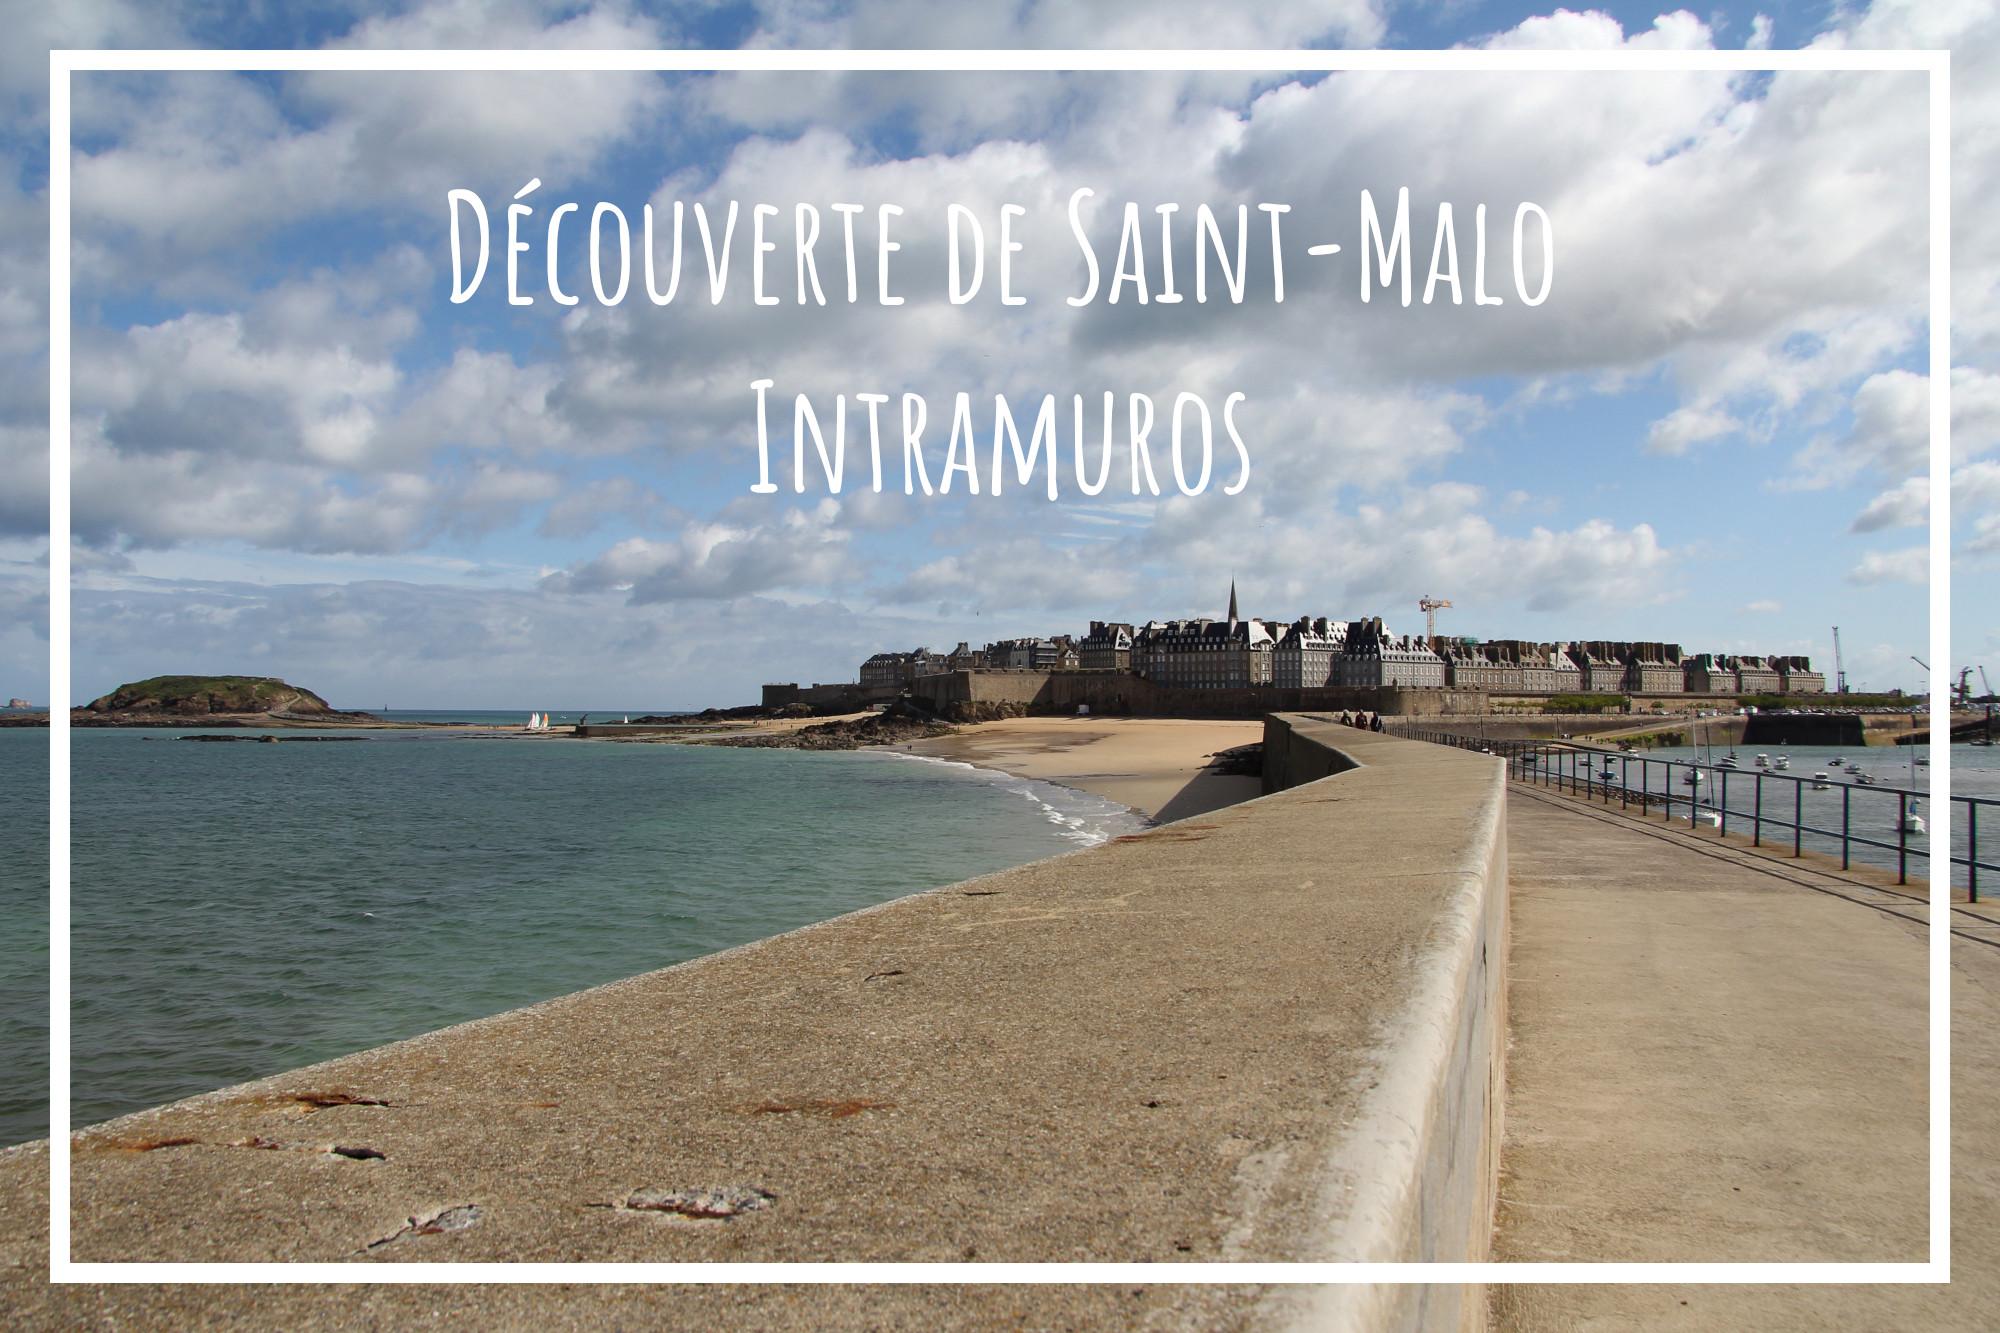 Saint-Malo Intramuros, découverte de la cité corsaire